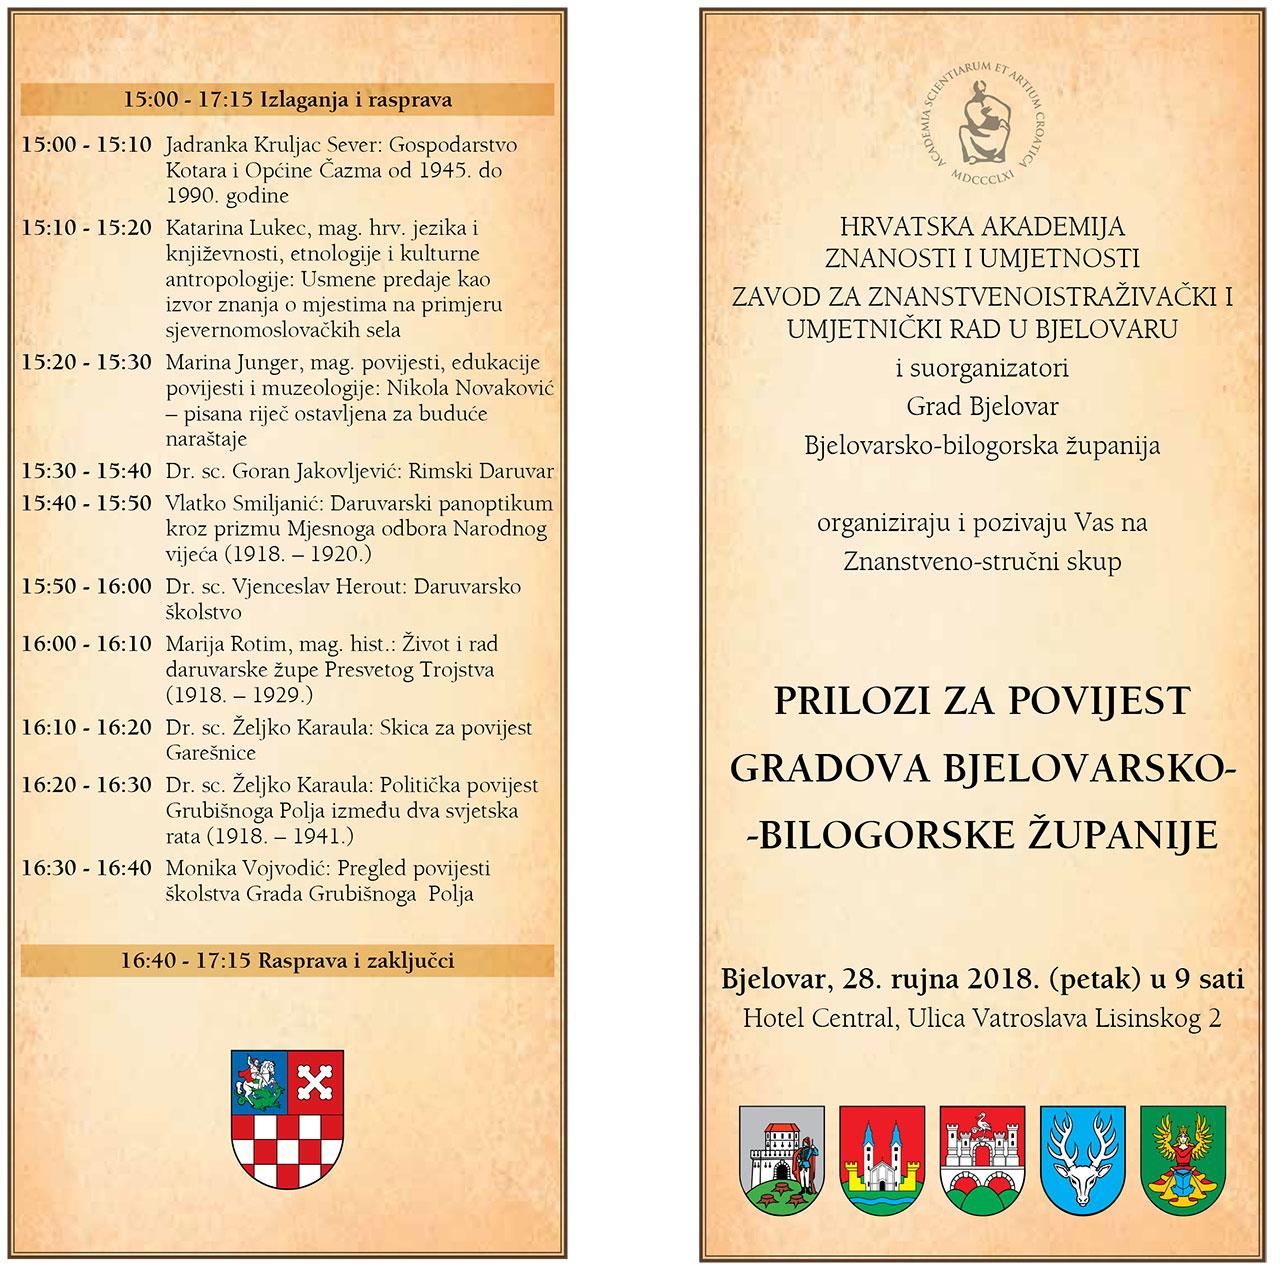 Prilozi za povijest gradova Bjelovarsko-bilogorske županije